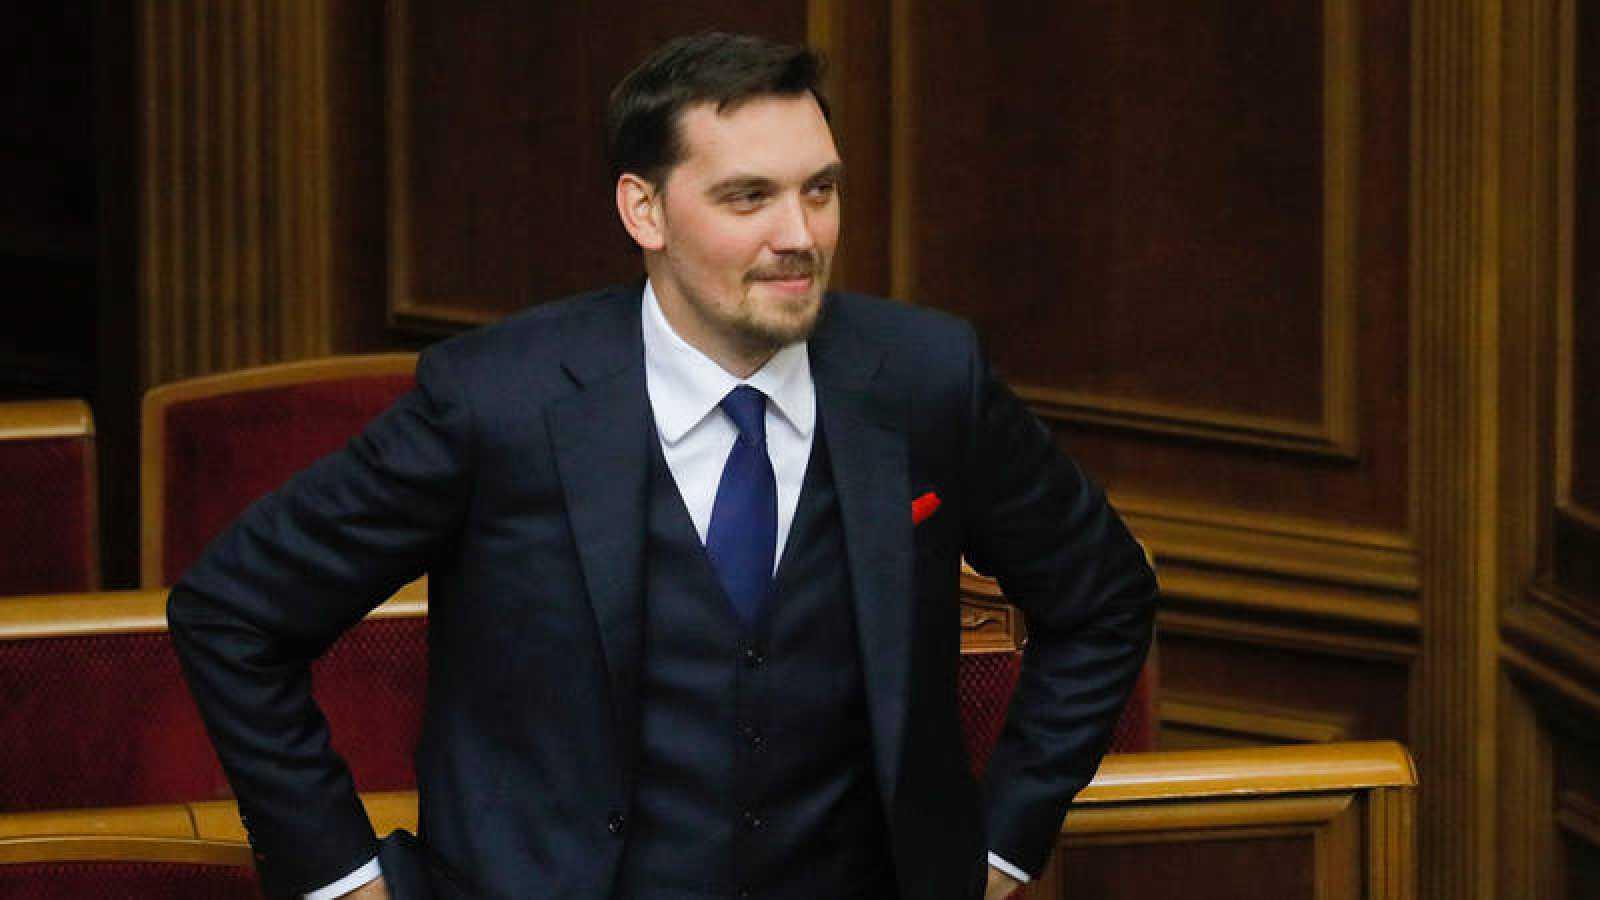 El primer ministro de Ucrania, Alexéi Goncharuk, en el Parlamento